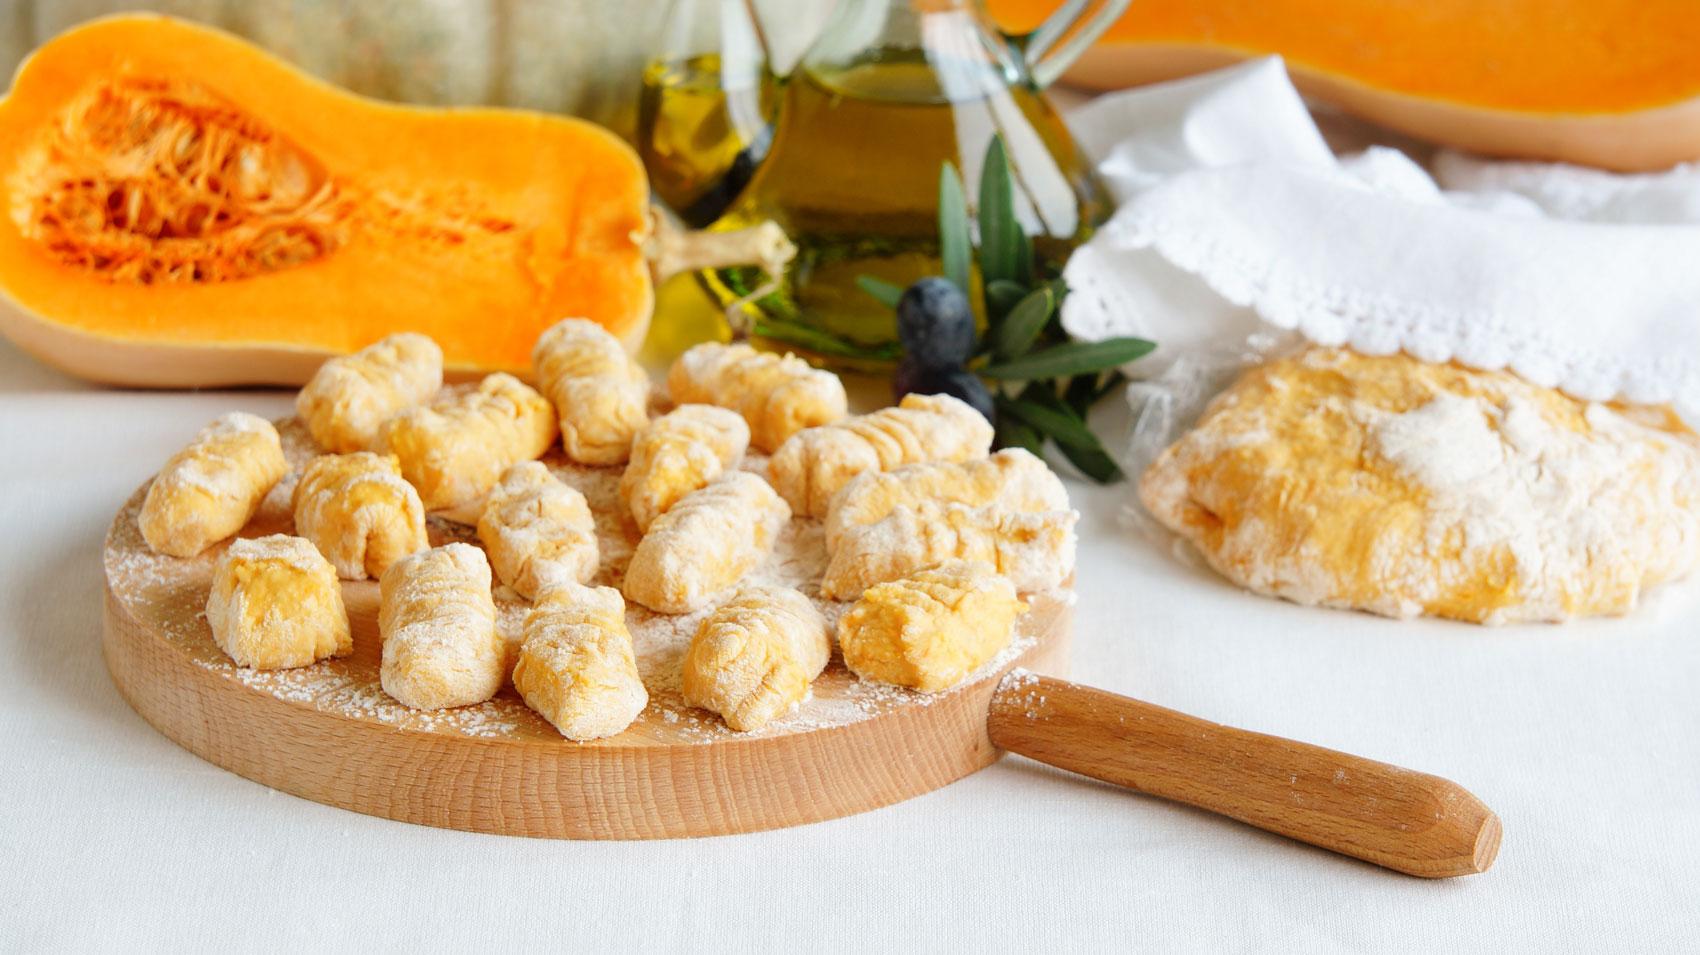 Ricetta Gnocchi Di Zucca Con Farina Di Quinoa.Ricette Vegetariane Gli Gnocchi Di Zucca E Salvia Starbene